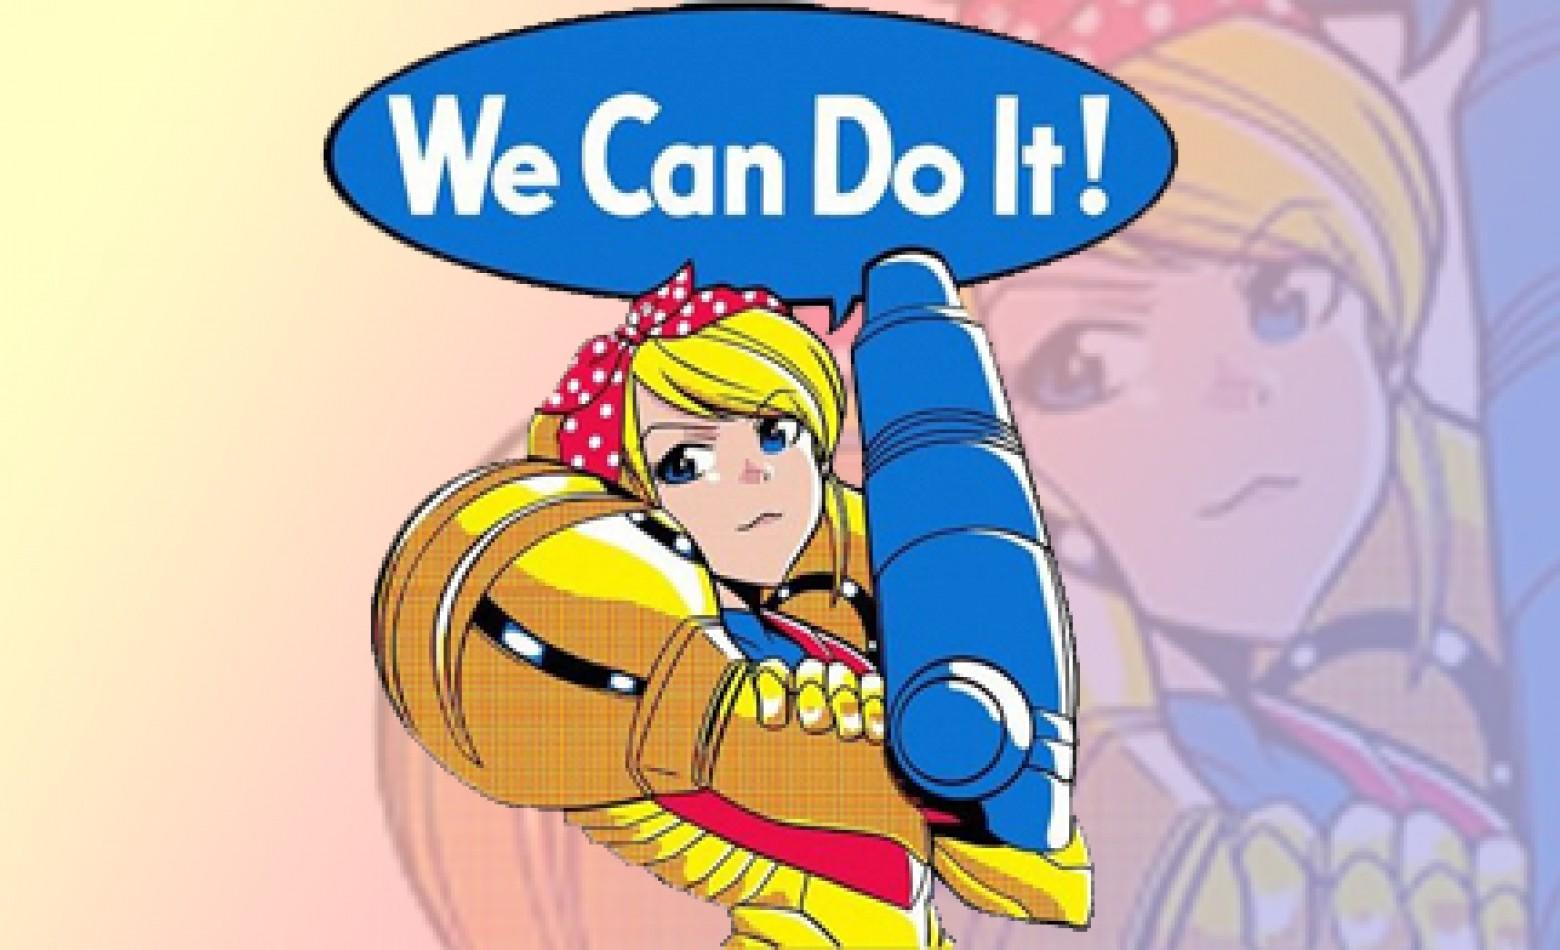 Curte e-sports e a Nintendo? Quer escrever sobre? Nós queremos você!